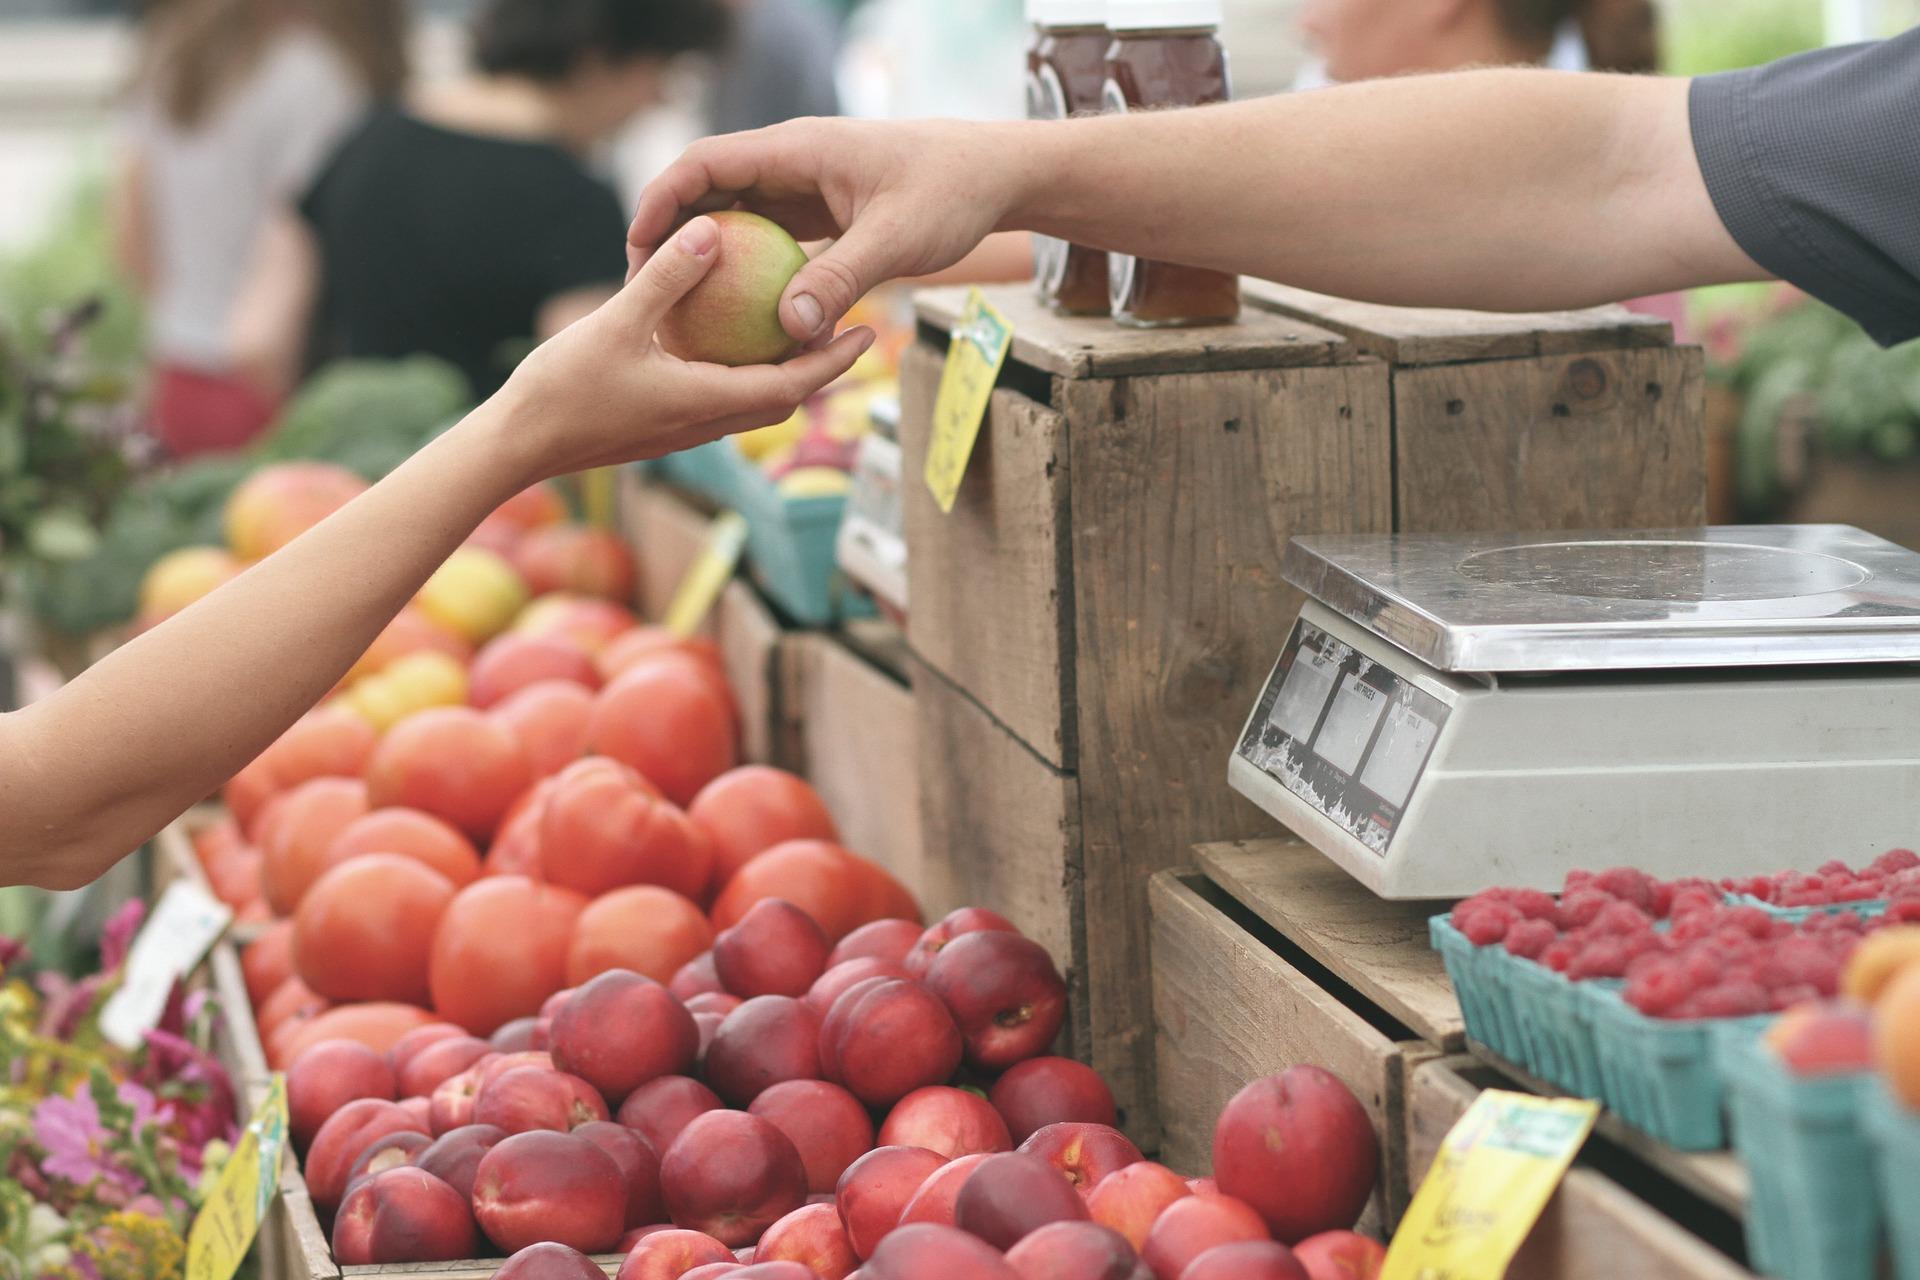 targ z warzywami i owocami